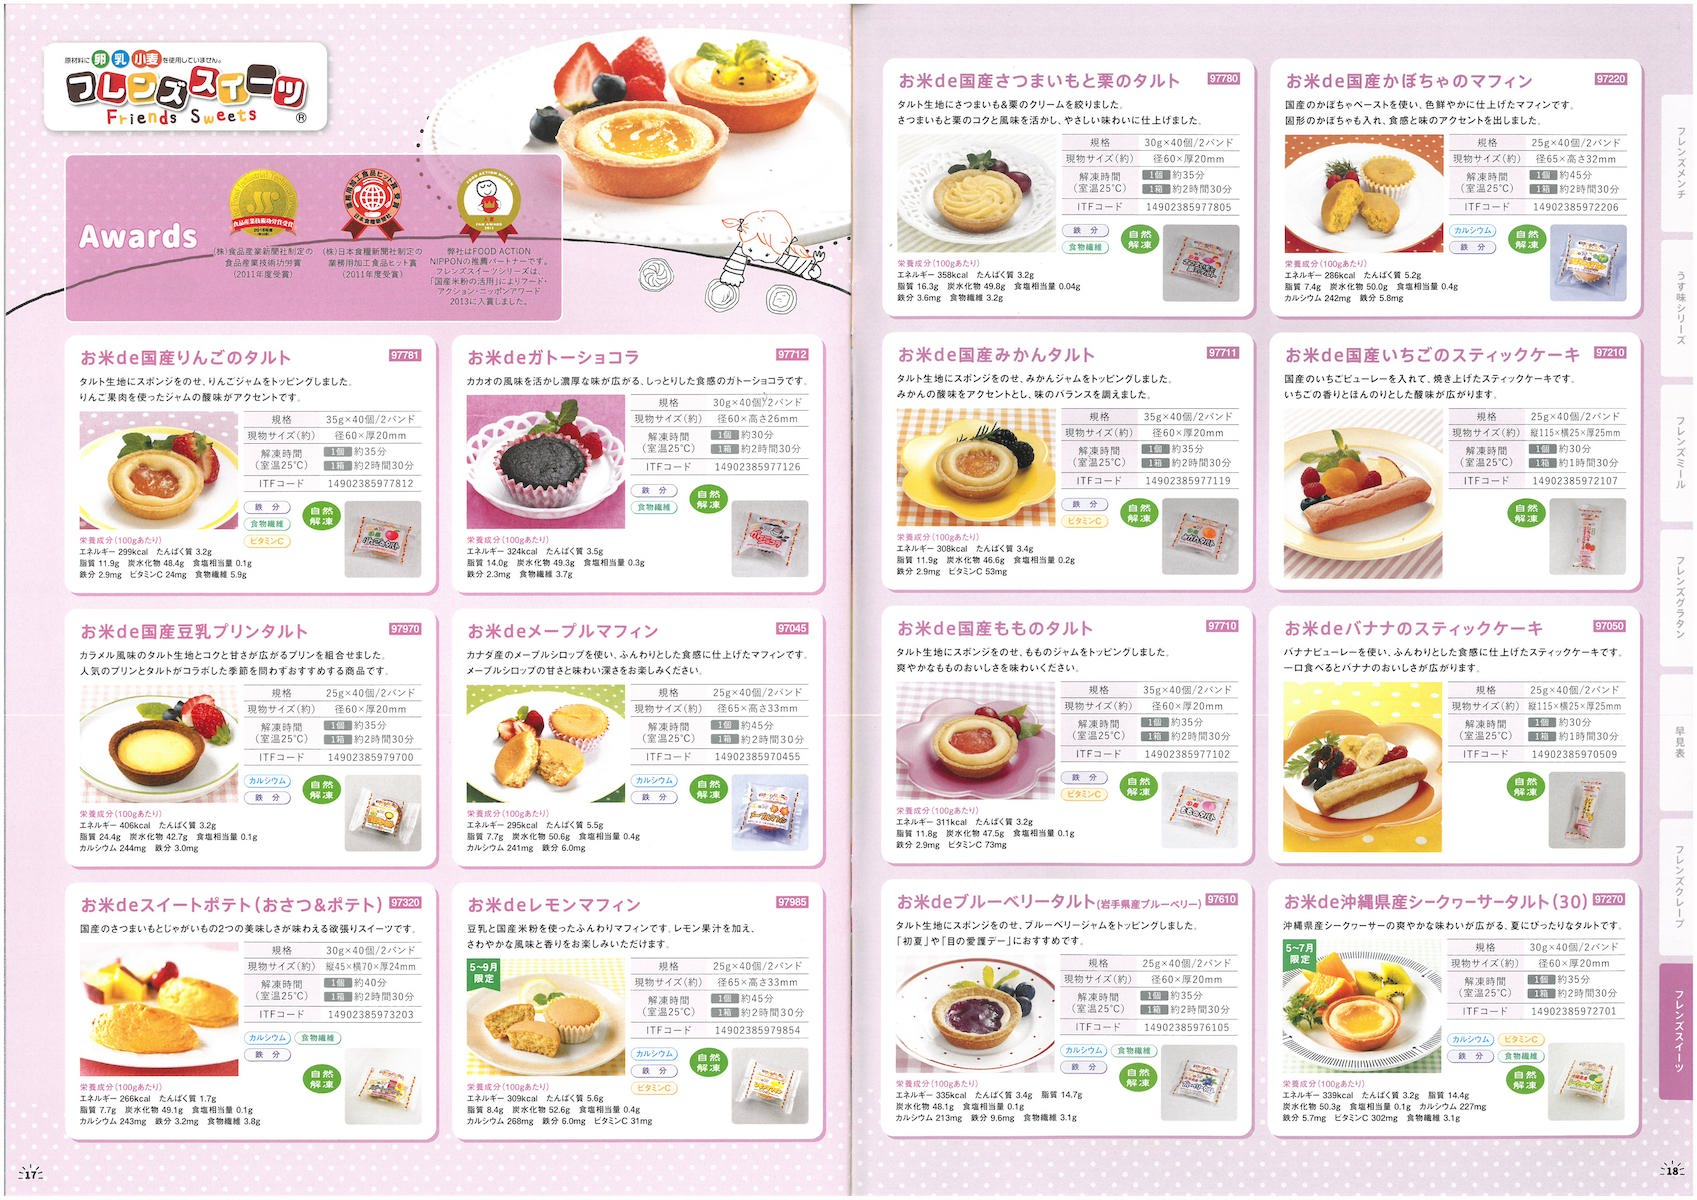 日東ベスト 2つのフレンズ 総合カタログ2021 食物アレルギー対応特集 フレンズミール フレンズスイーツ